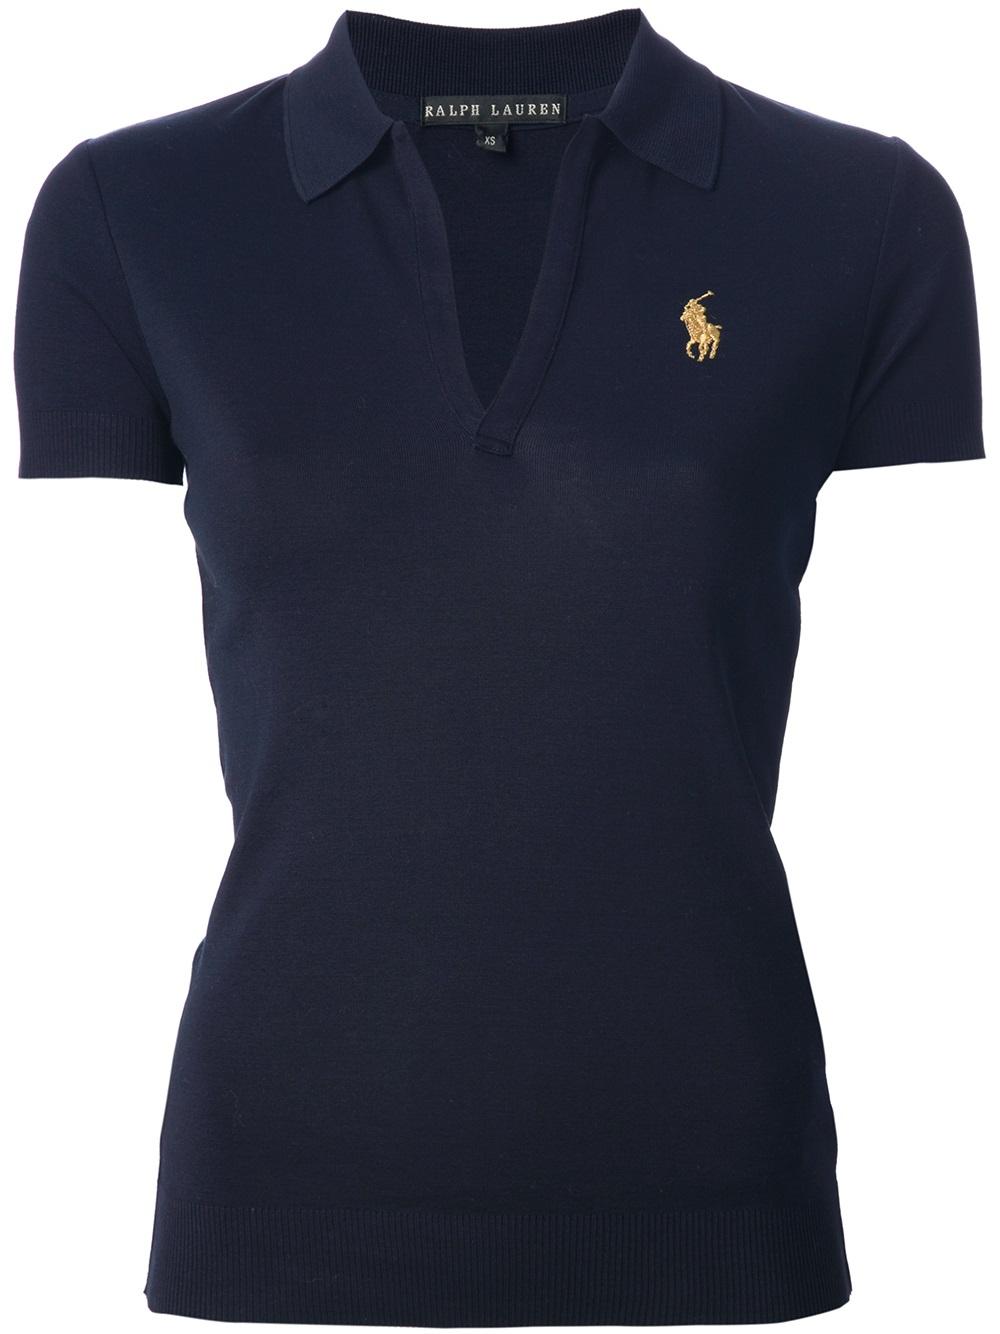 Ralph lauren black label open placket polo shirt in blue for Ralph lauren black label polo shirt